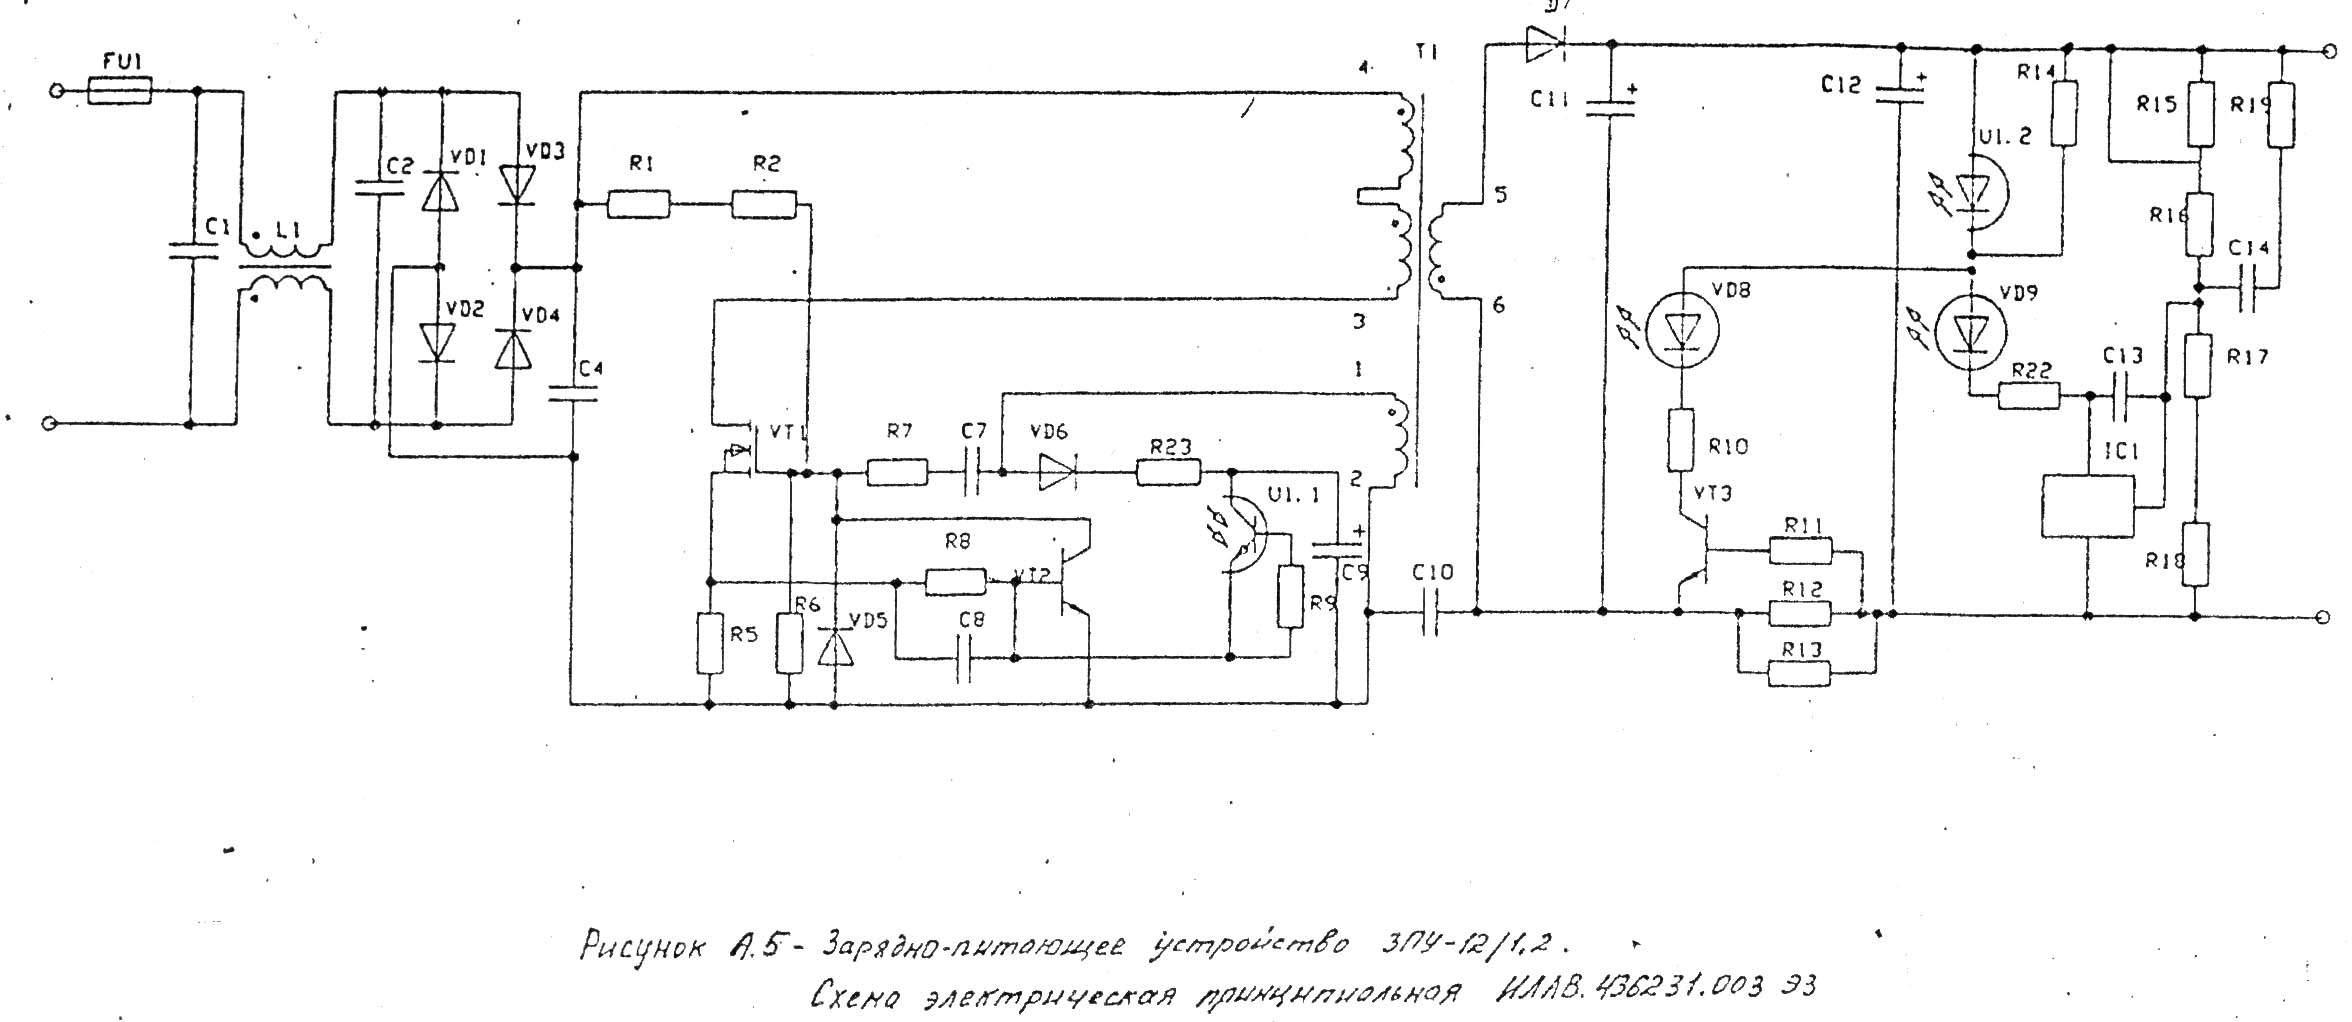 Основная электрическая схема